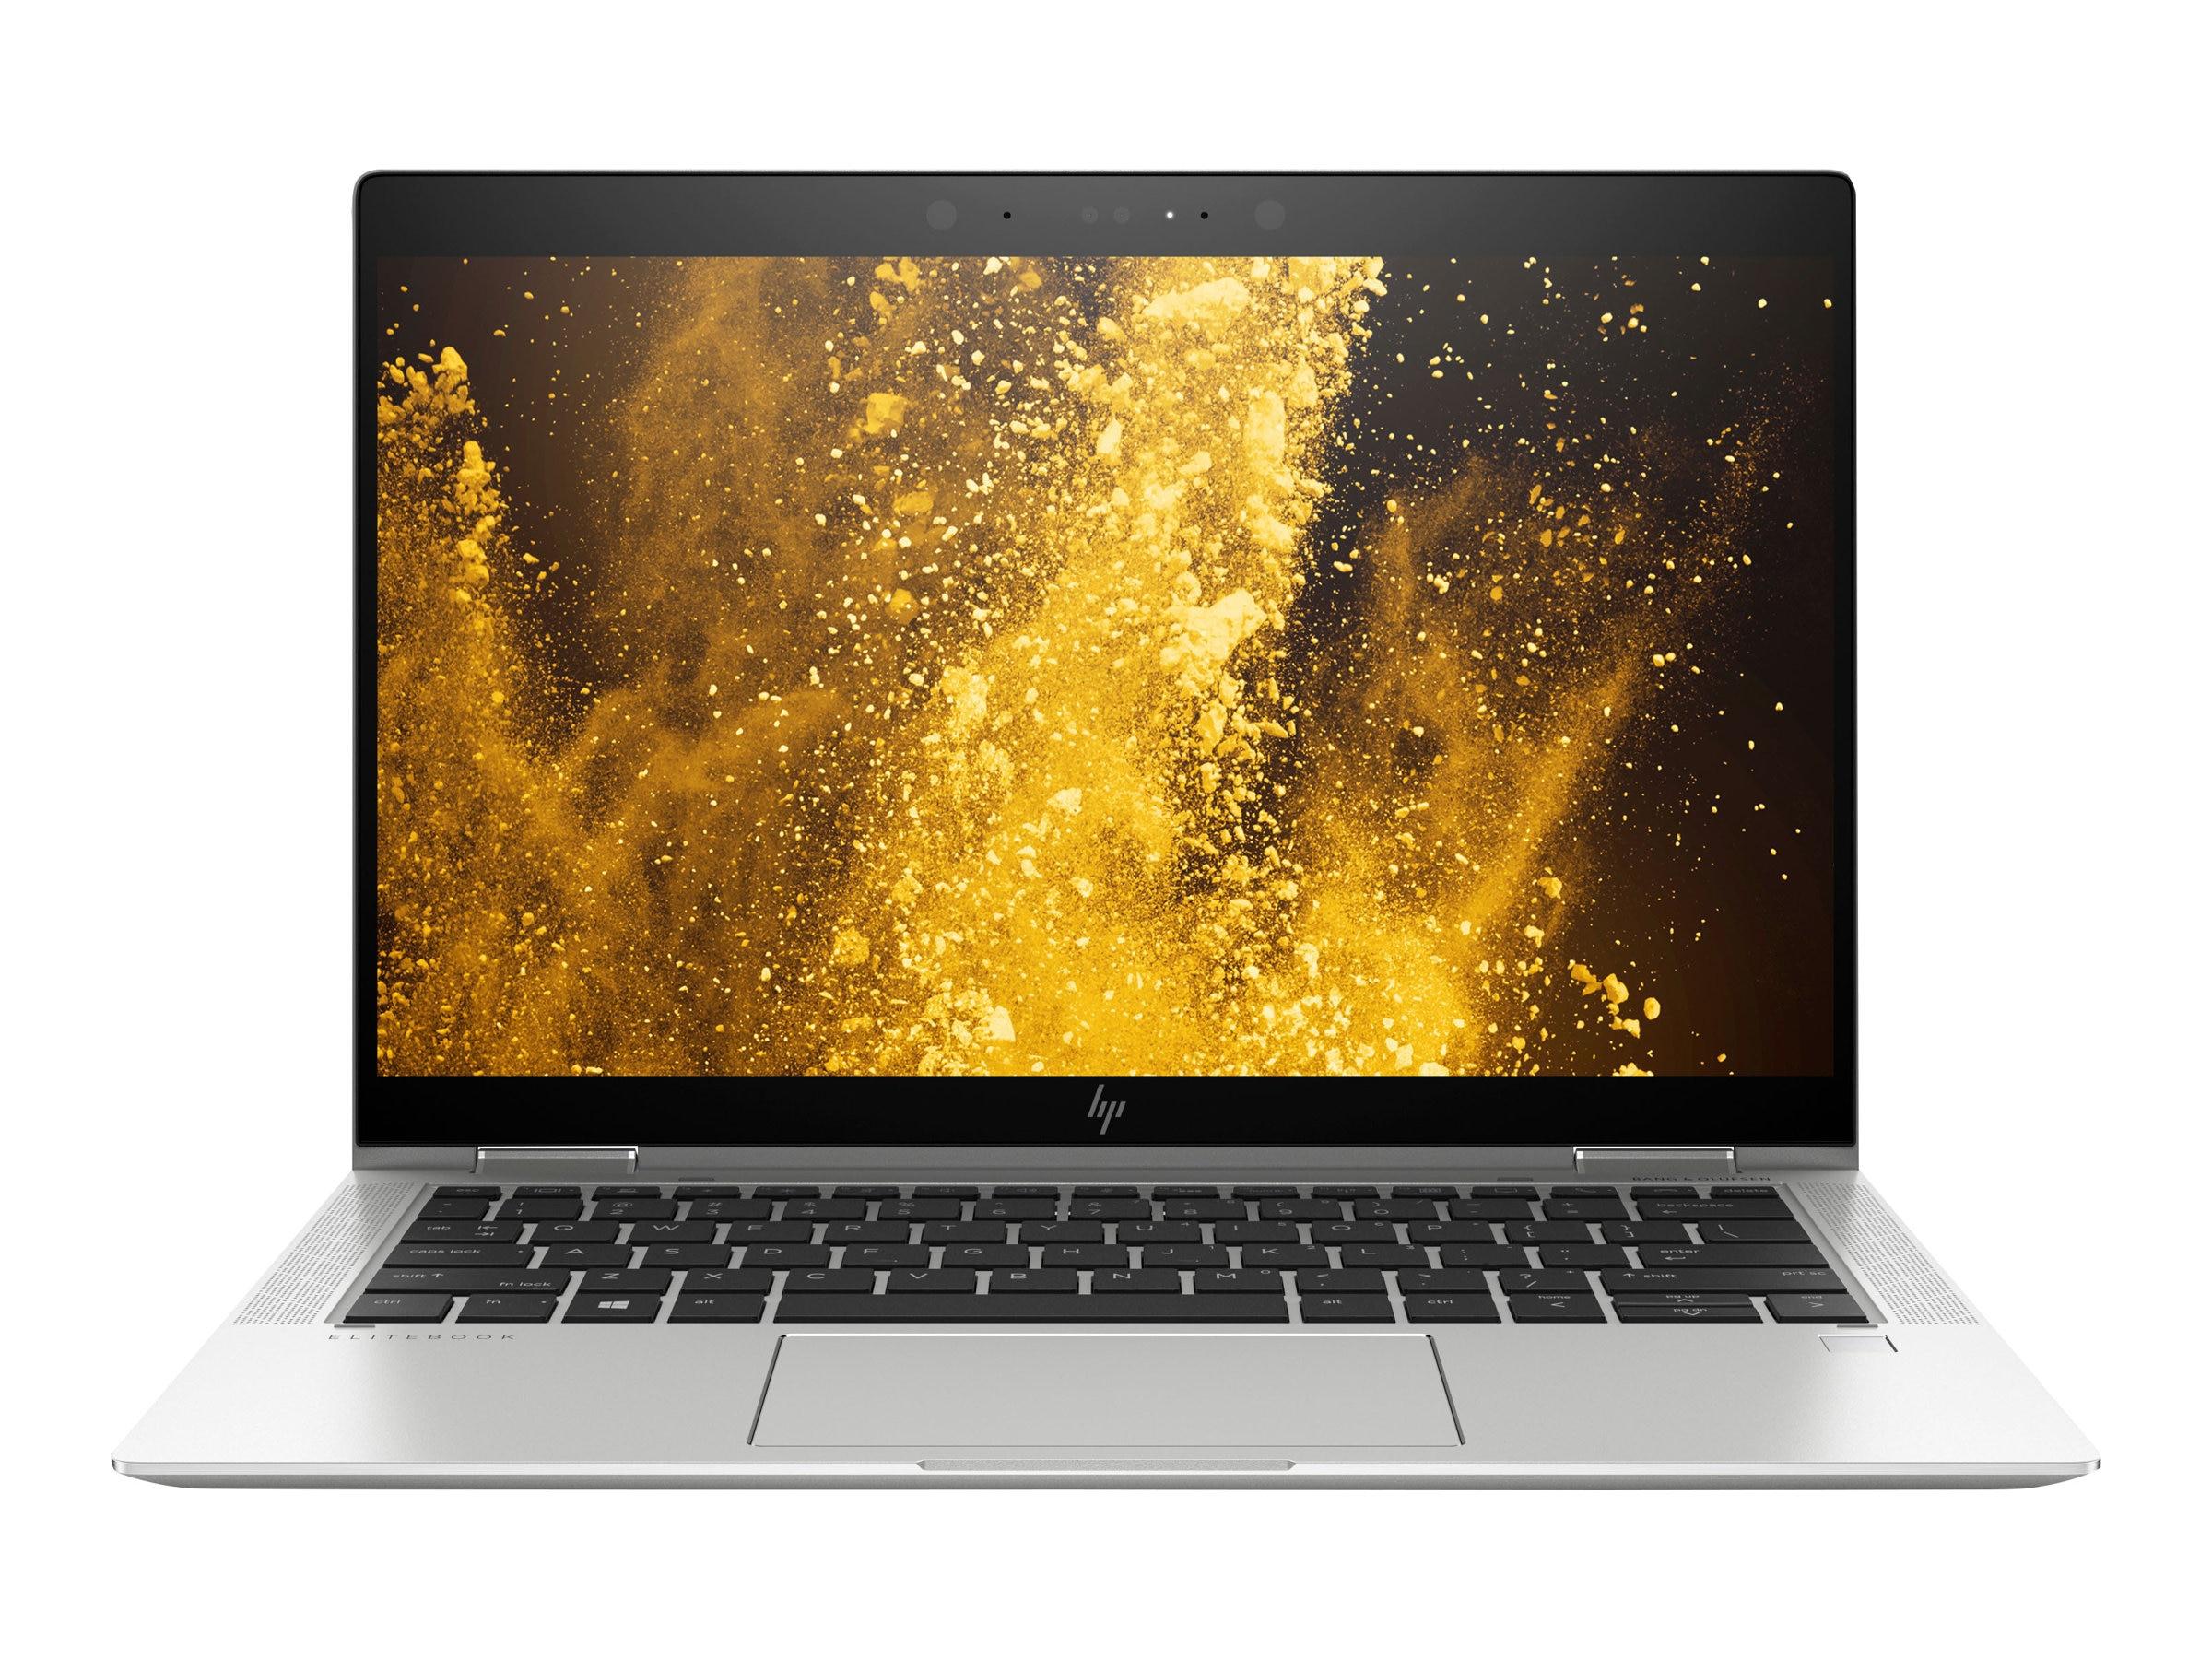 HP EliteBook x360 1030 G3 Core i7-8650U 1 9GHz 16GB 512GB PCIe ac BT FR  IRWC 13 3